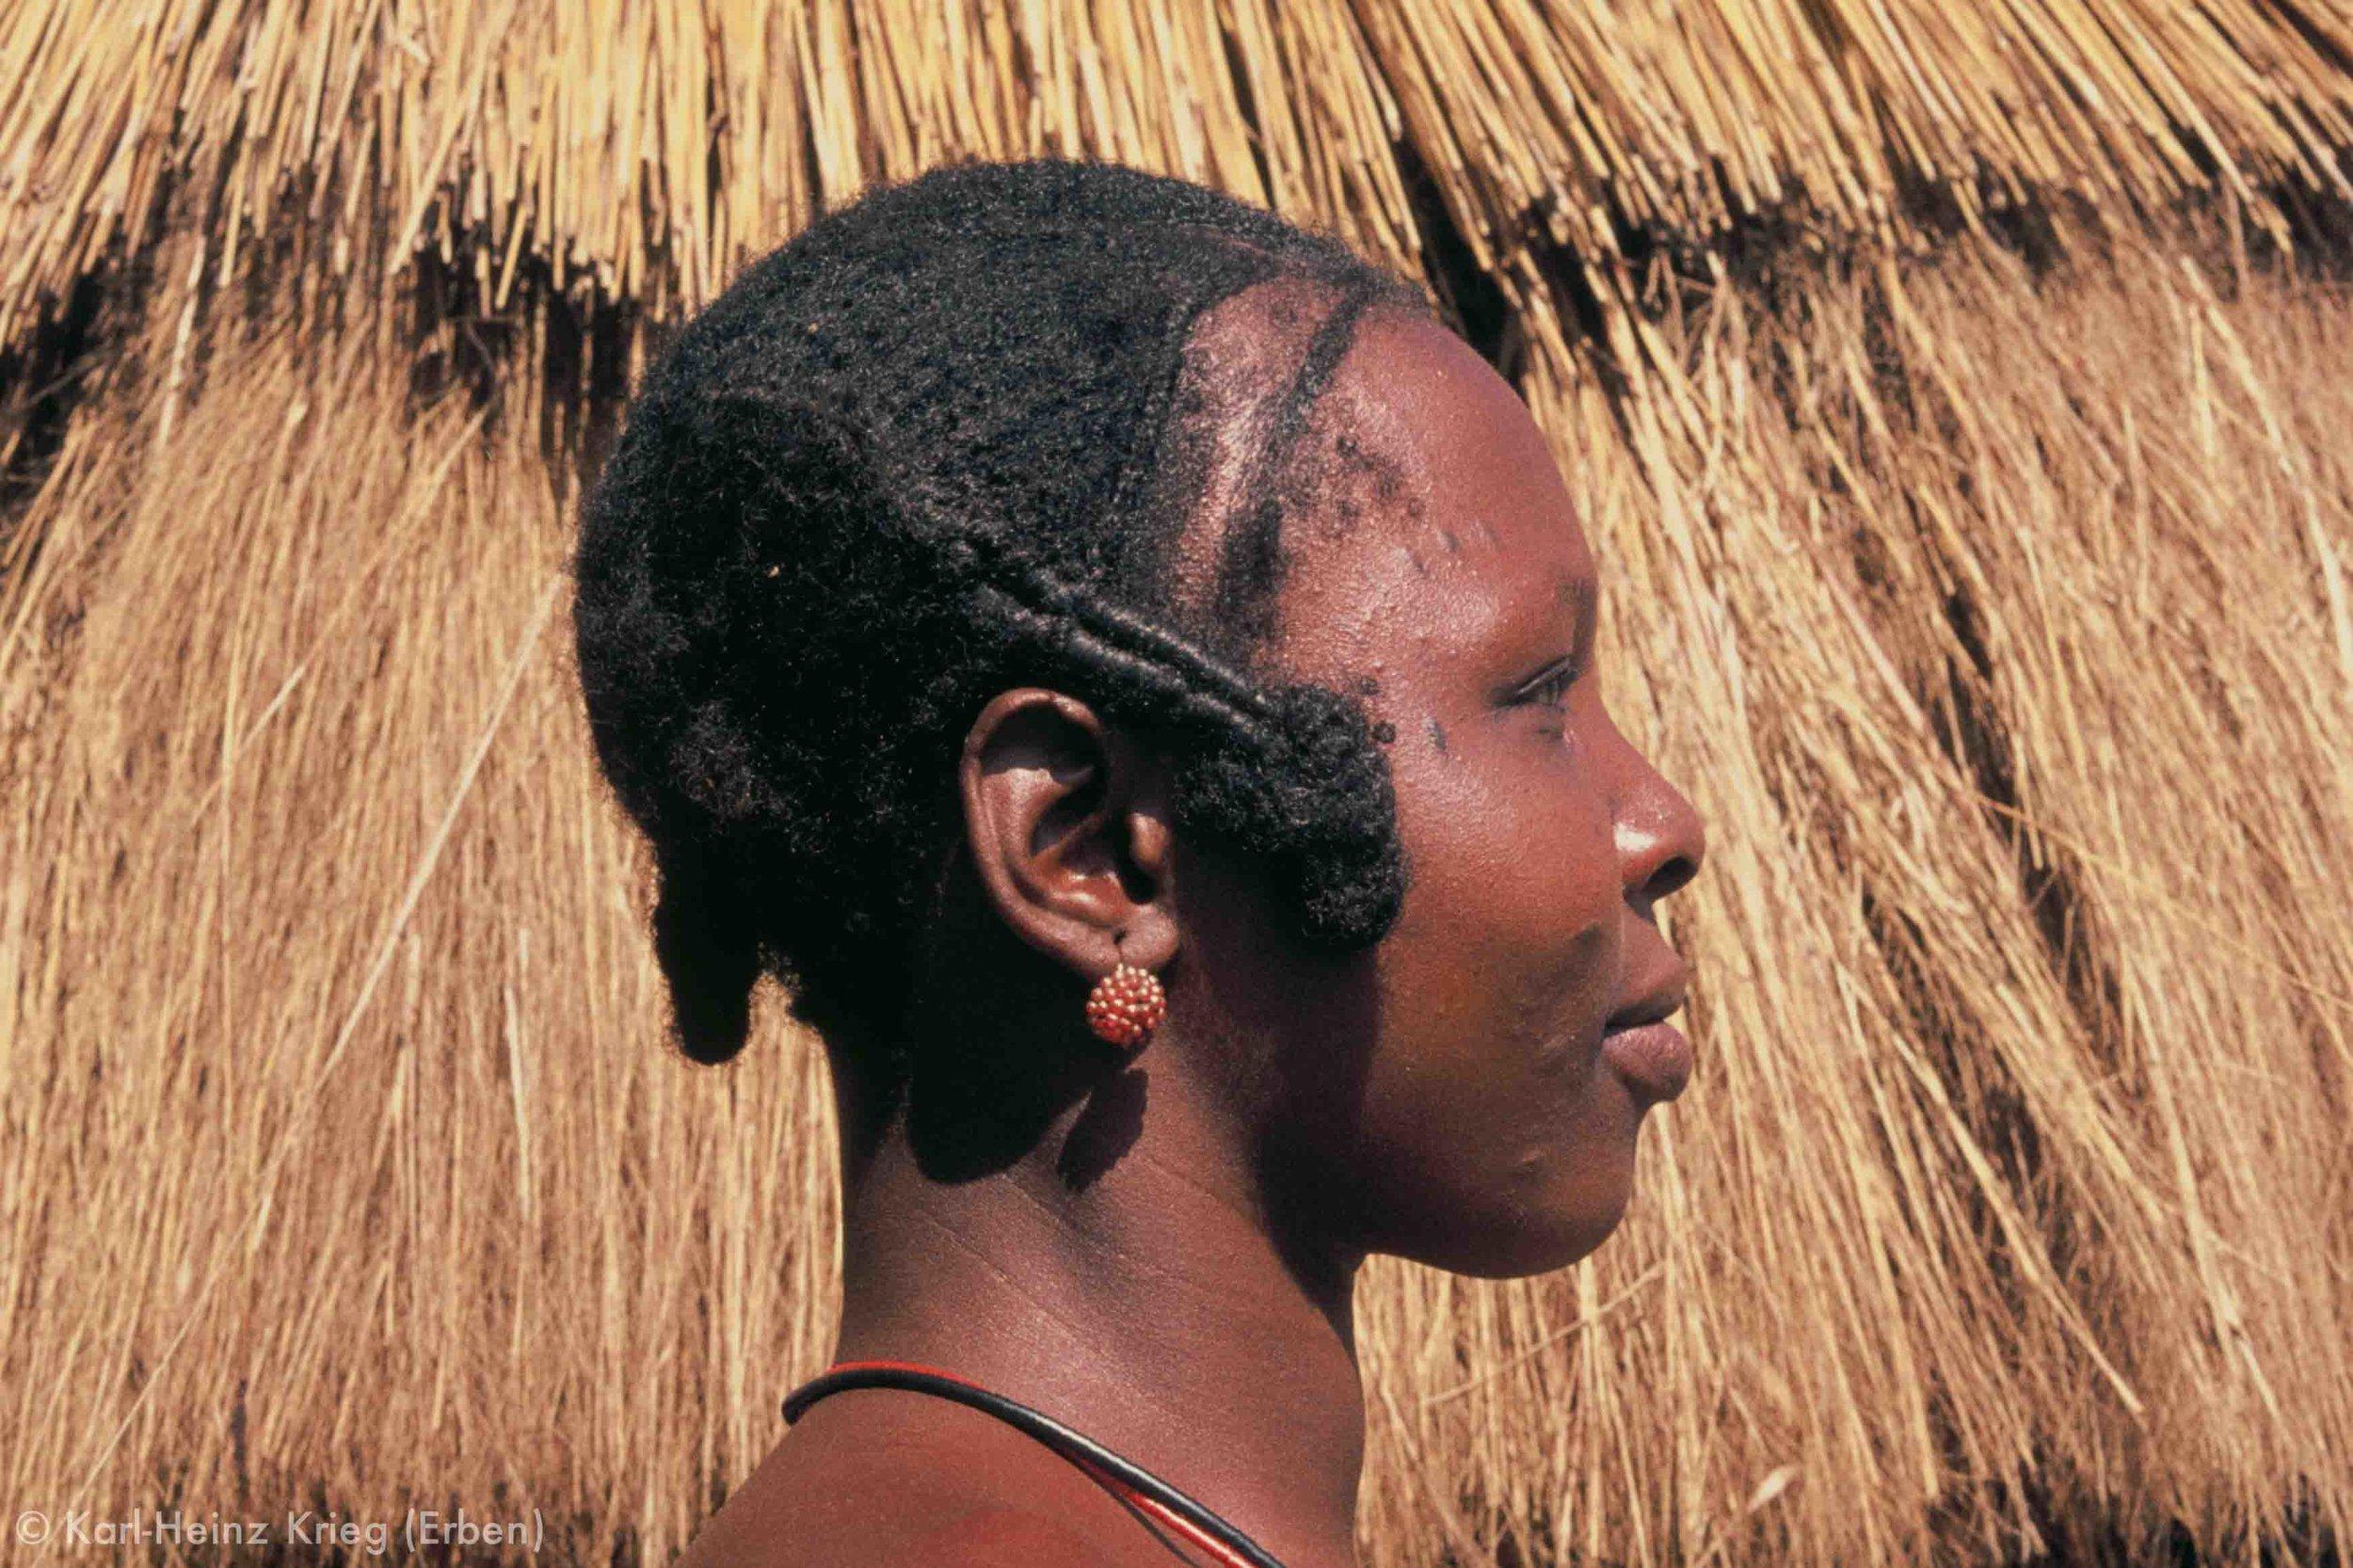 Senufo-Frau mit traditioneller Frisur in Zékaha (Region von Boundiali, Côte d'Ivoire). Foto: Karl-Heinz Krieg, 1976